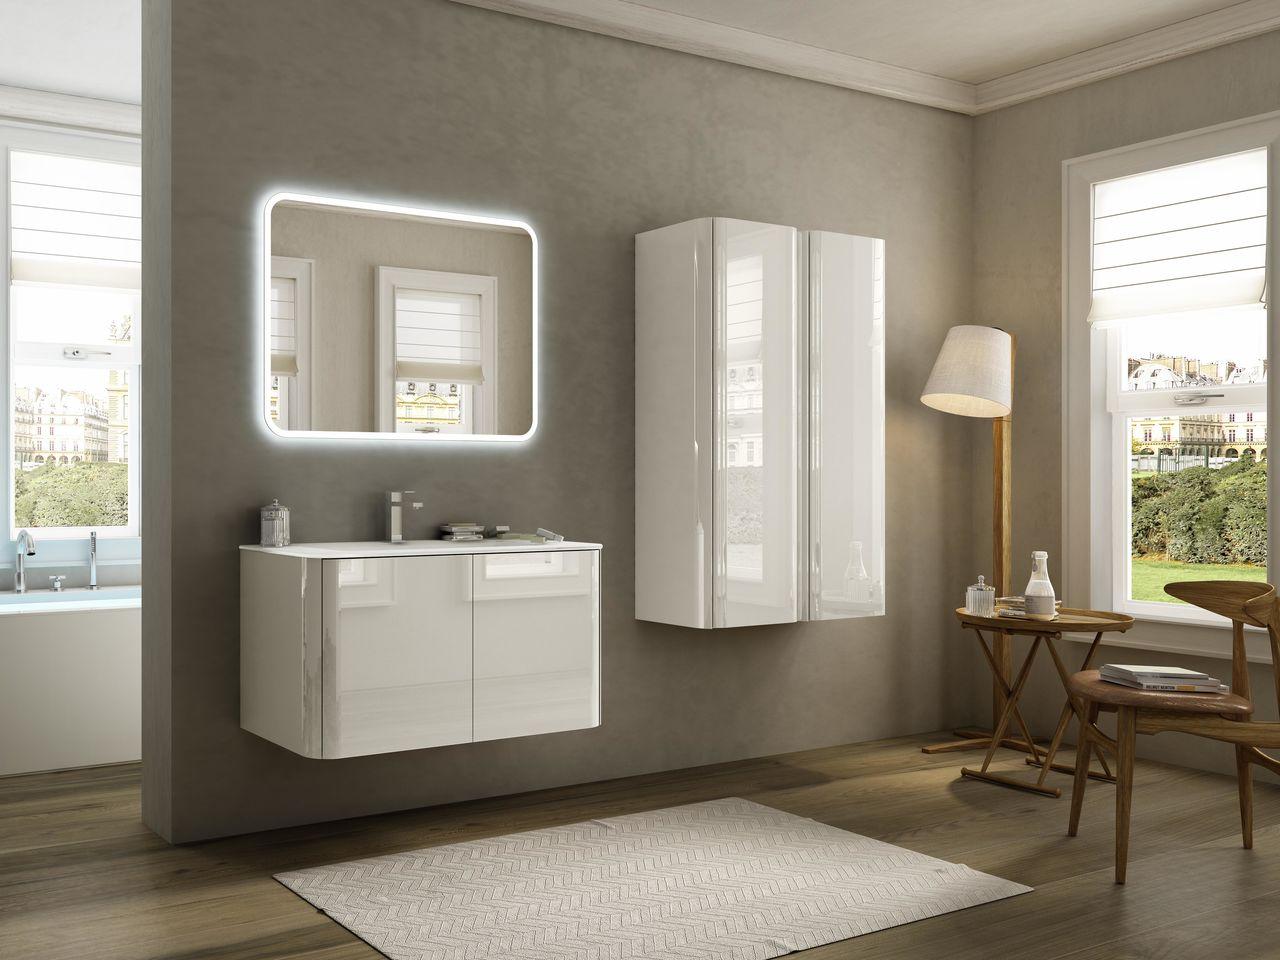 Mobile bagno sospeso moderno cm rovere bianco con specchio